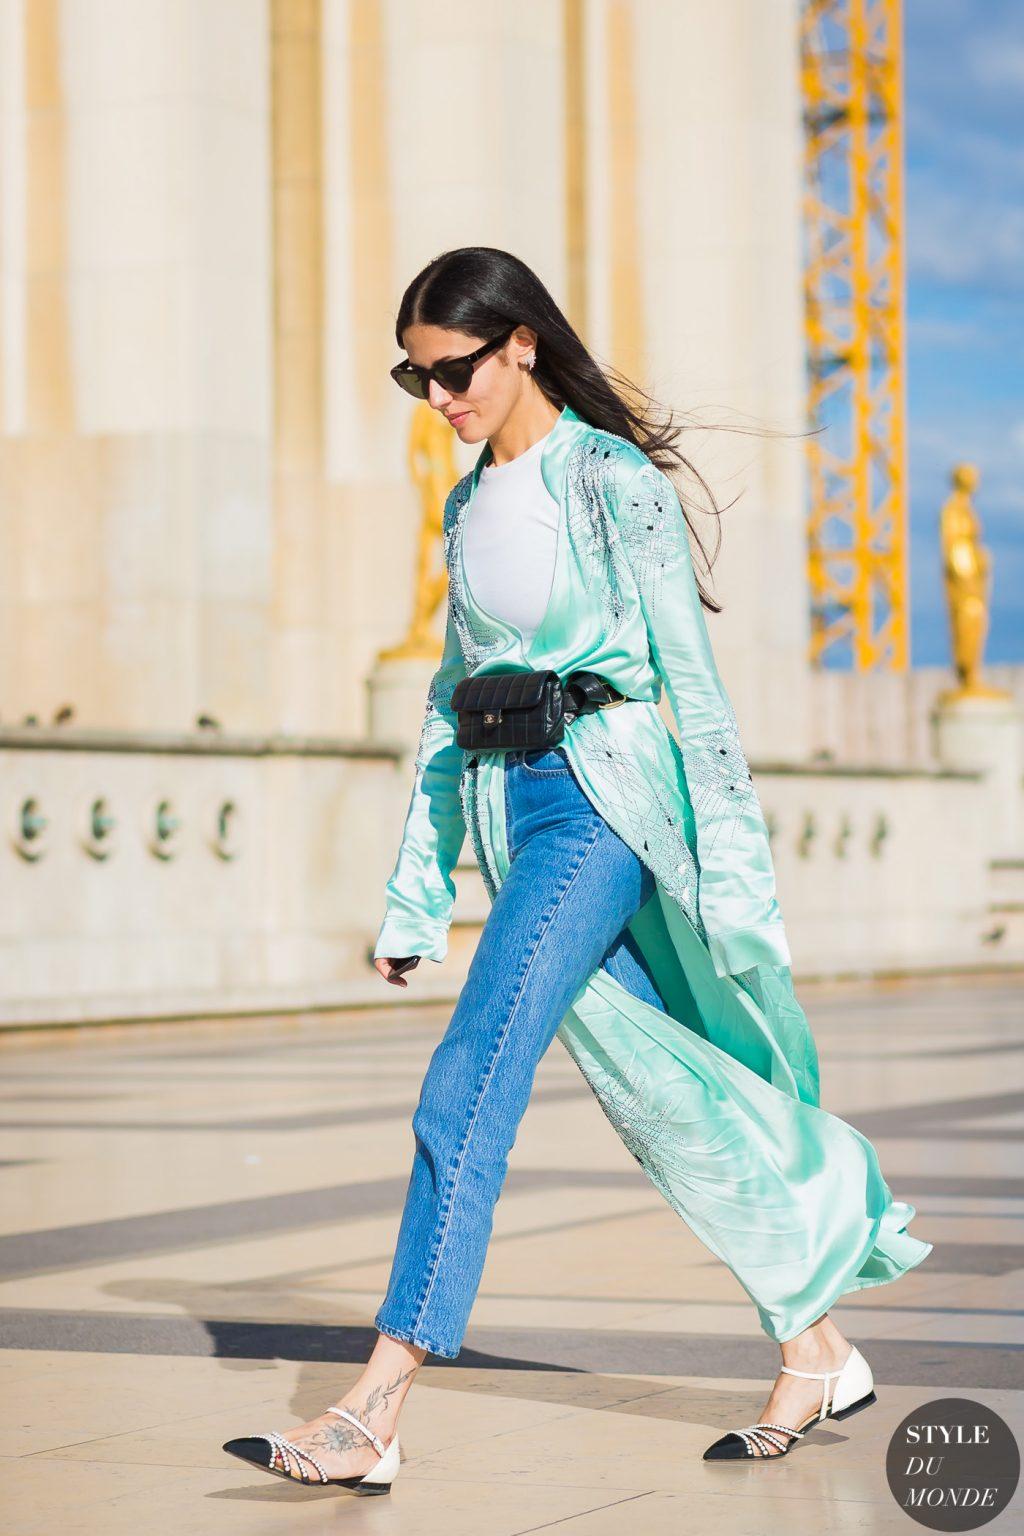 Gilda Ambrossio diện quần jeans, áo khoác kimono xanh ngọc cùng giày bệt và belt bag màu đen tại tuần lễ thời trang haute couture